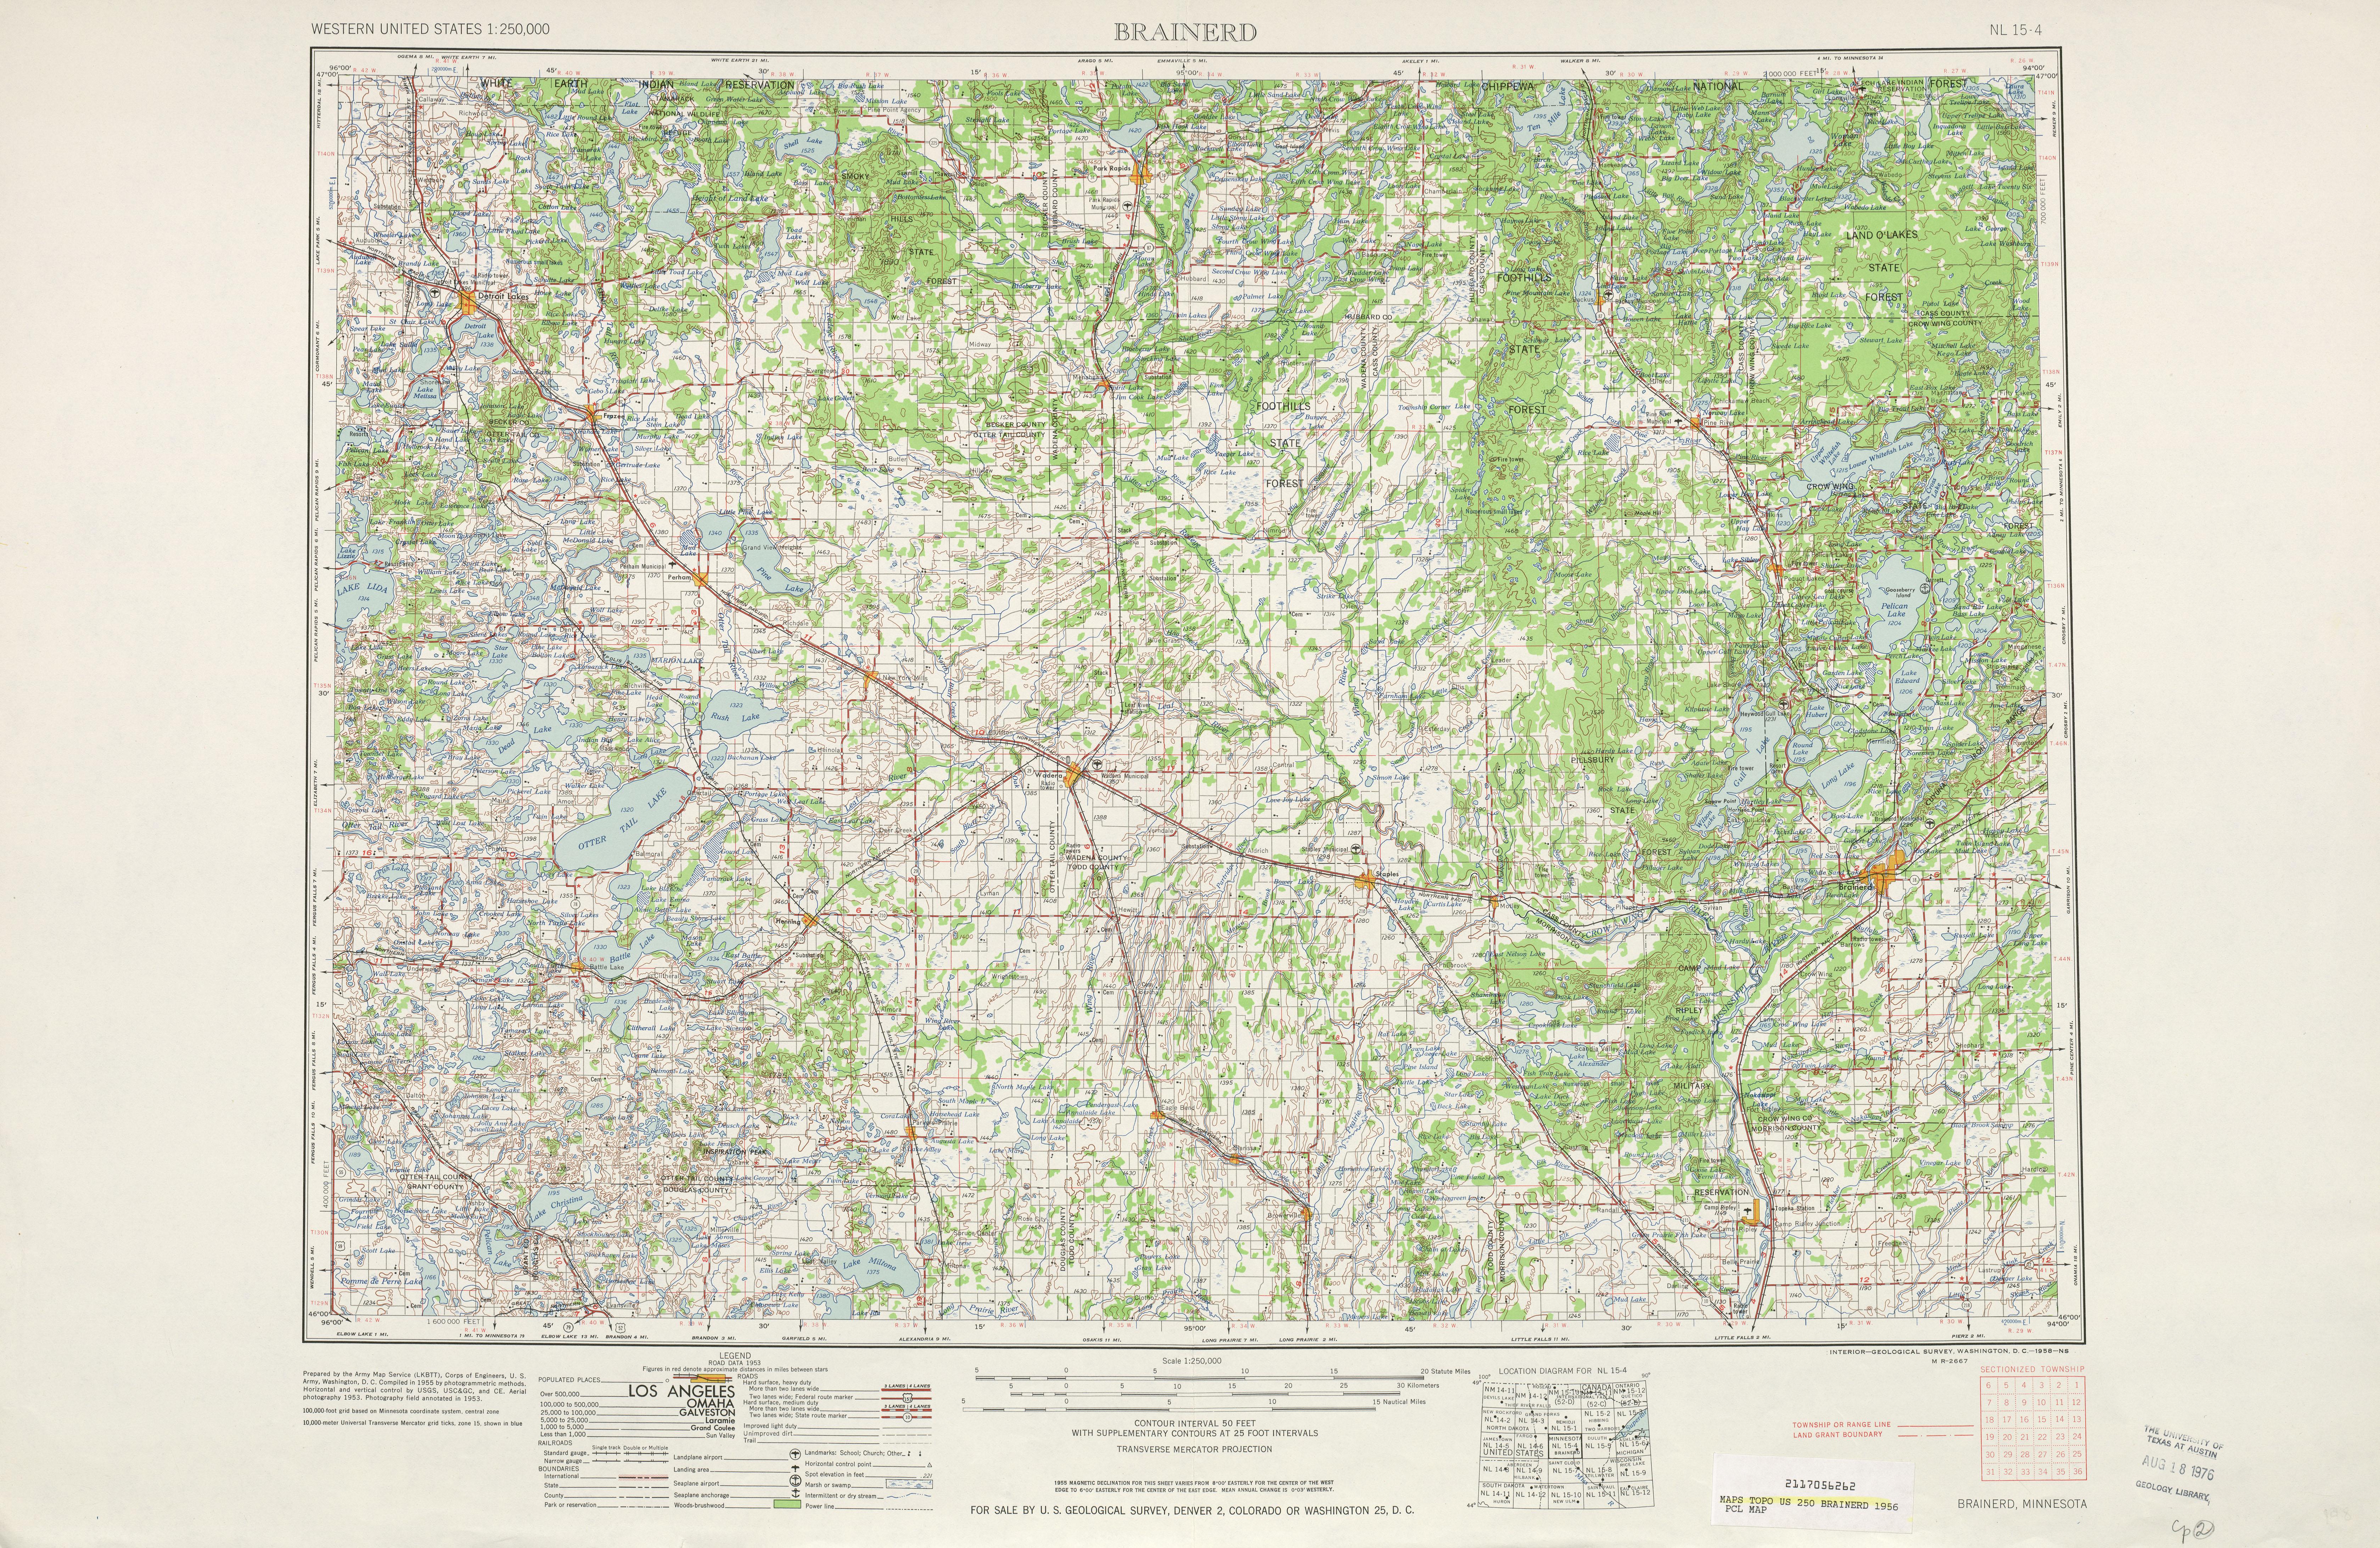 Hoja Brainerd del Mapa Topográfico de los Estados Unidos 1956